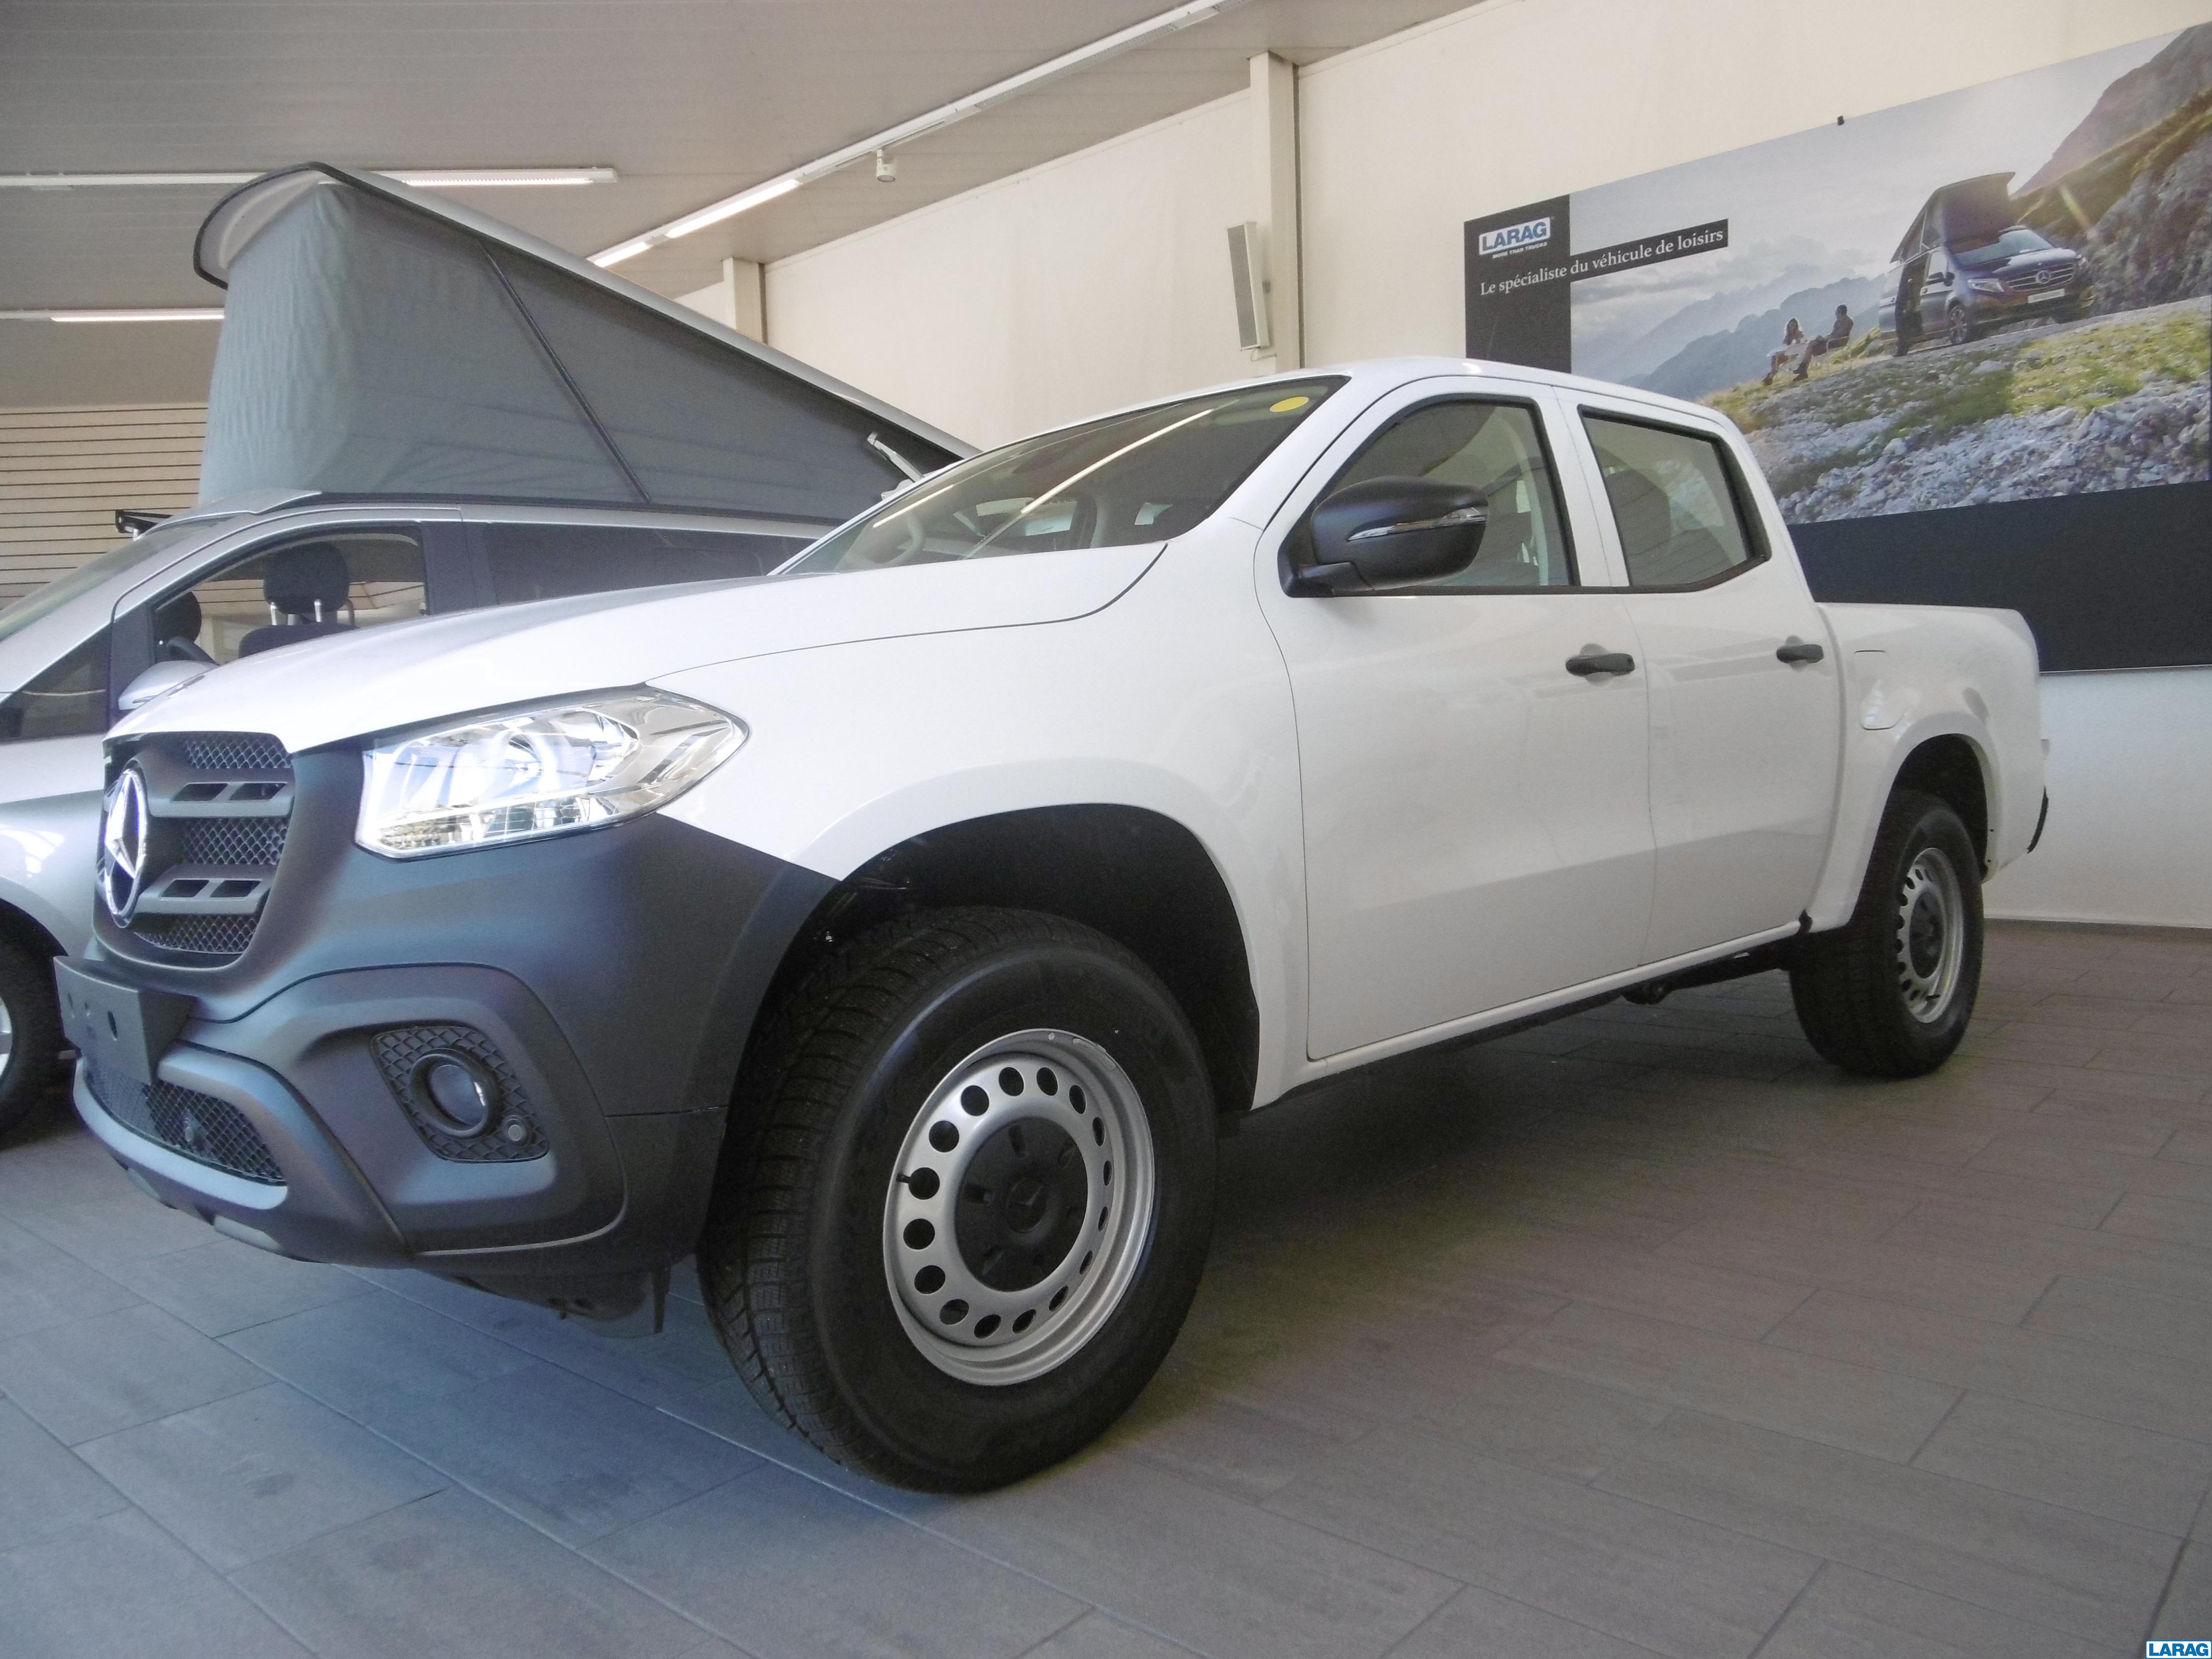 LARA4267_1060238 vehicle image